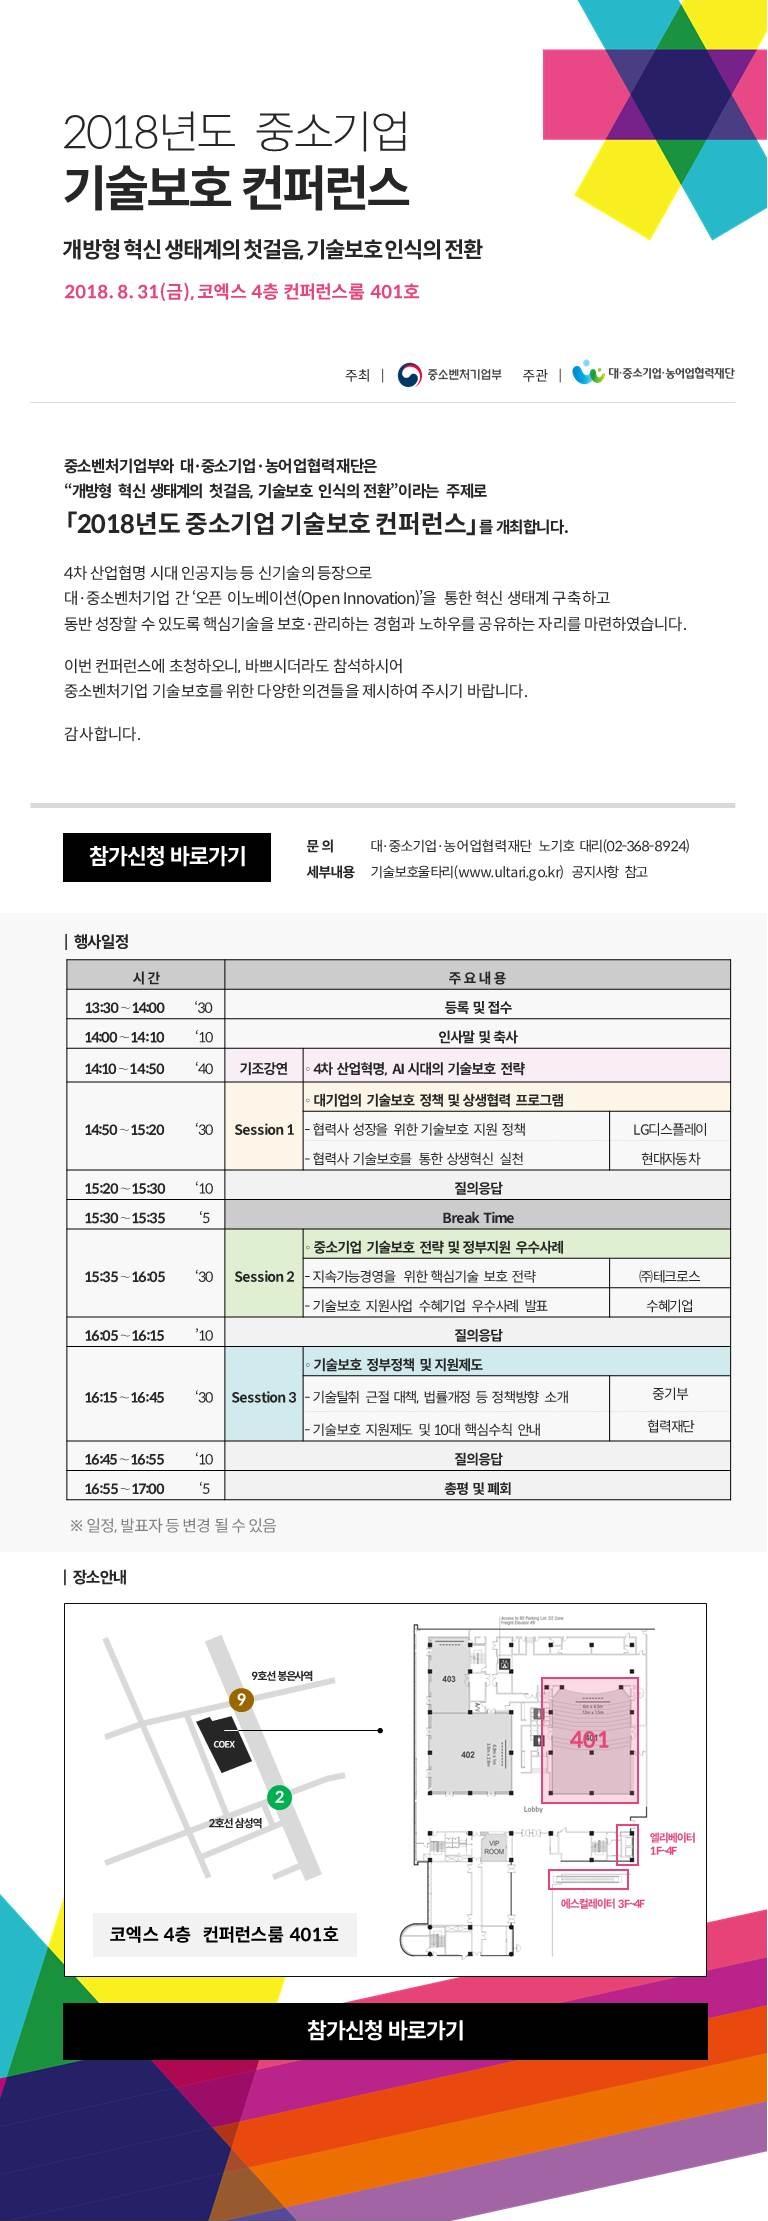 2018년 중소기업 기술보호 컨퍼런스 개최 안내 포스터.jpg